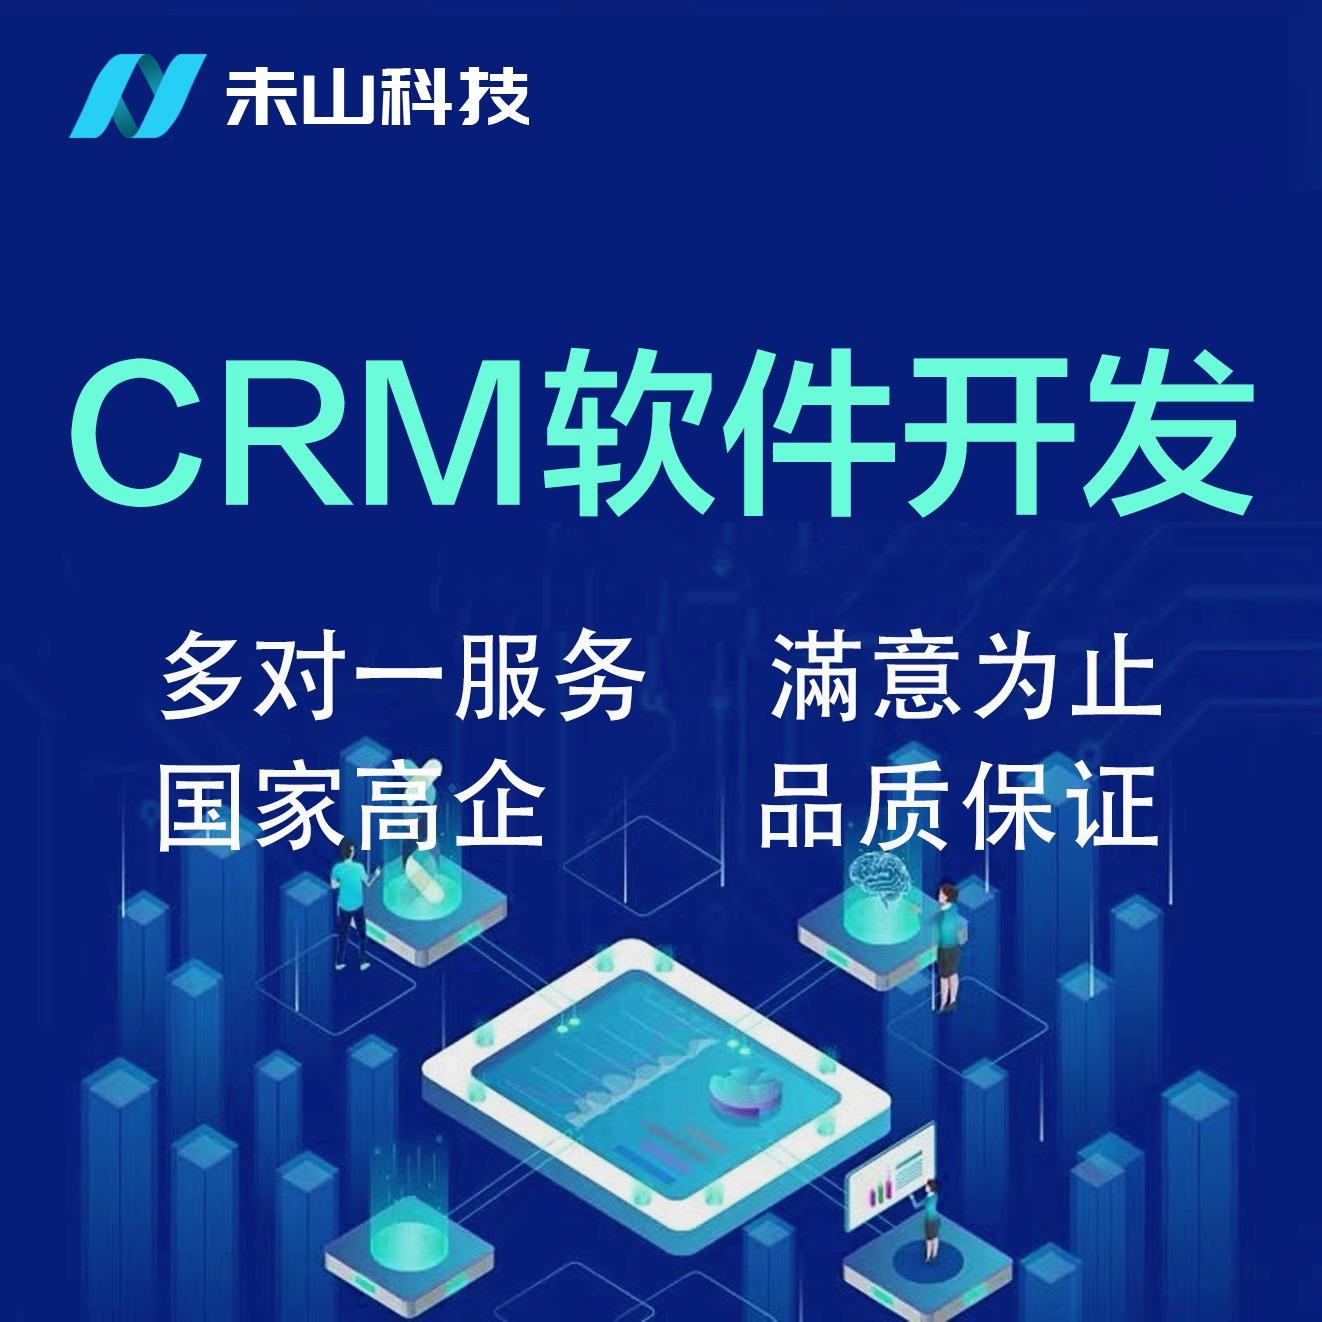 CRM软件/CRM管理/客户管理/移动办公/钉钉软件企业管理